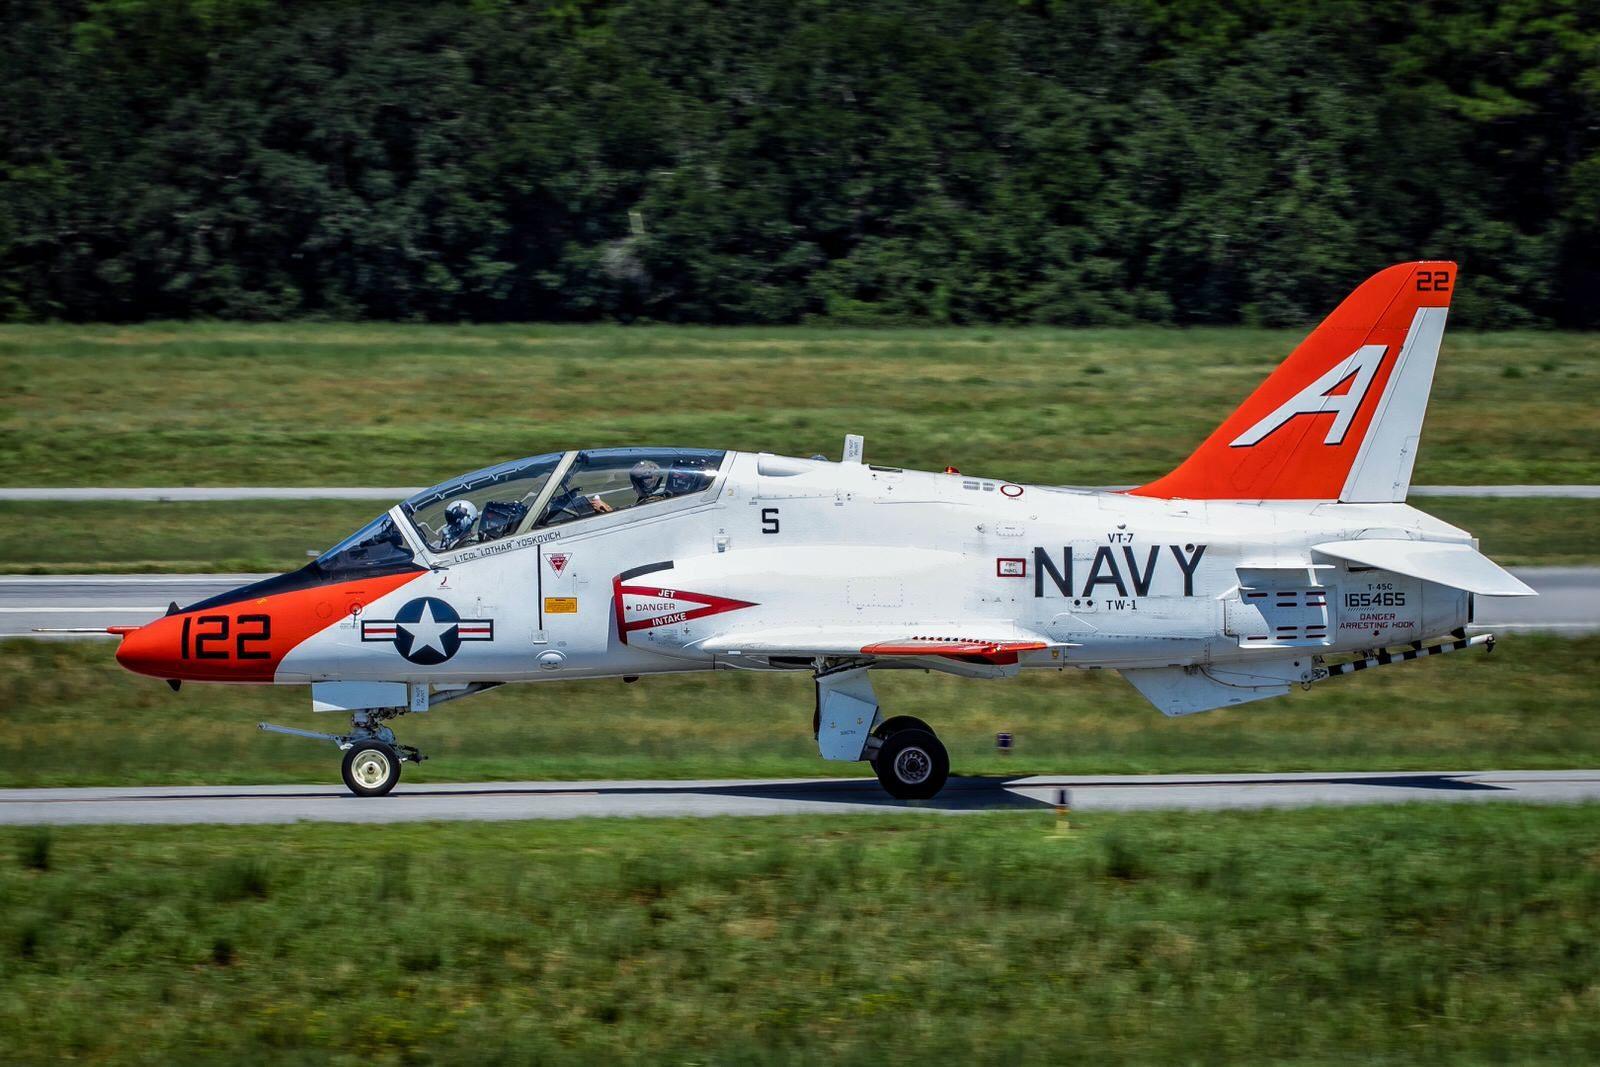 US Navy T-45 at PNS